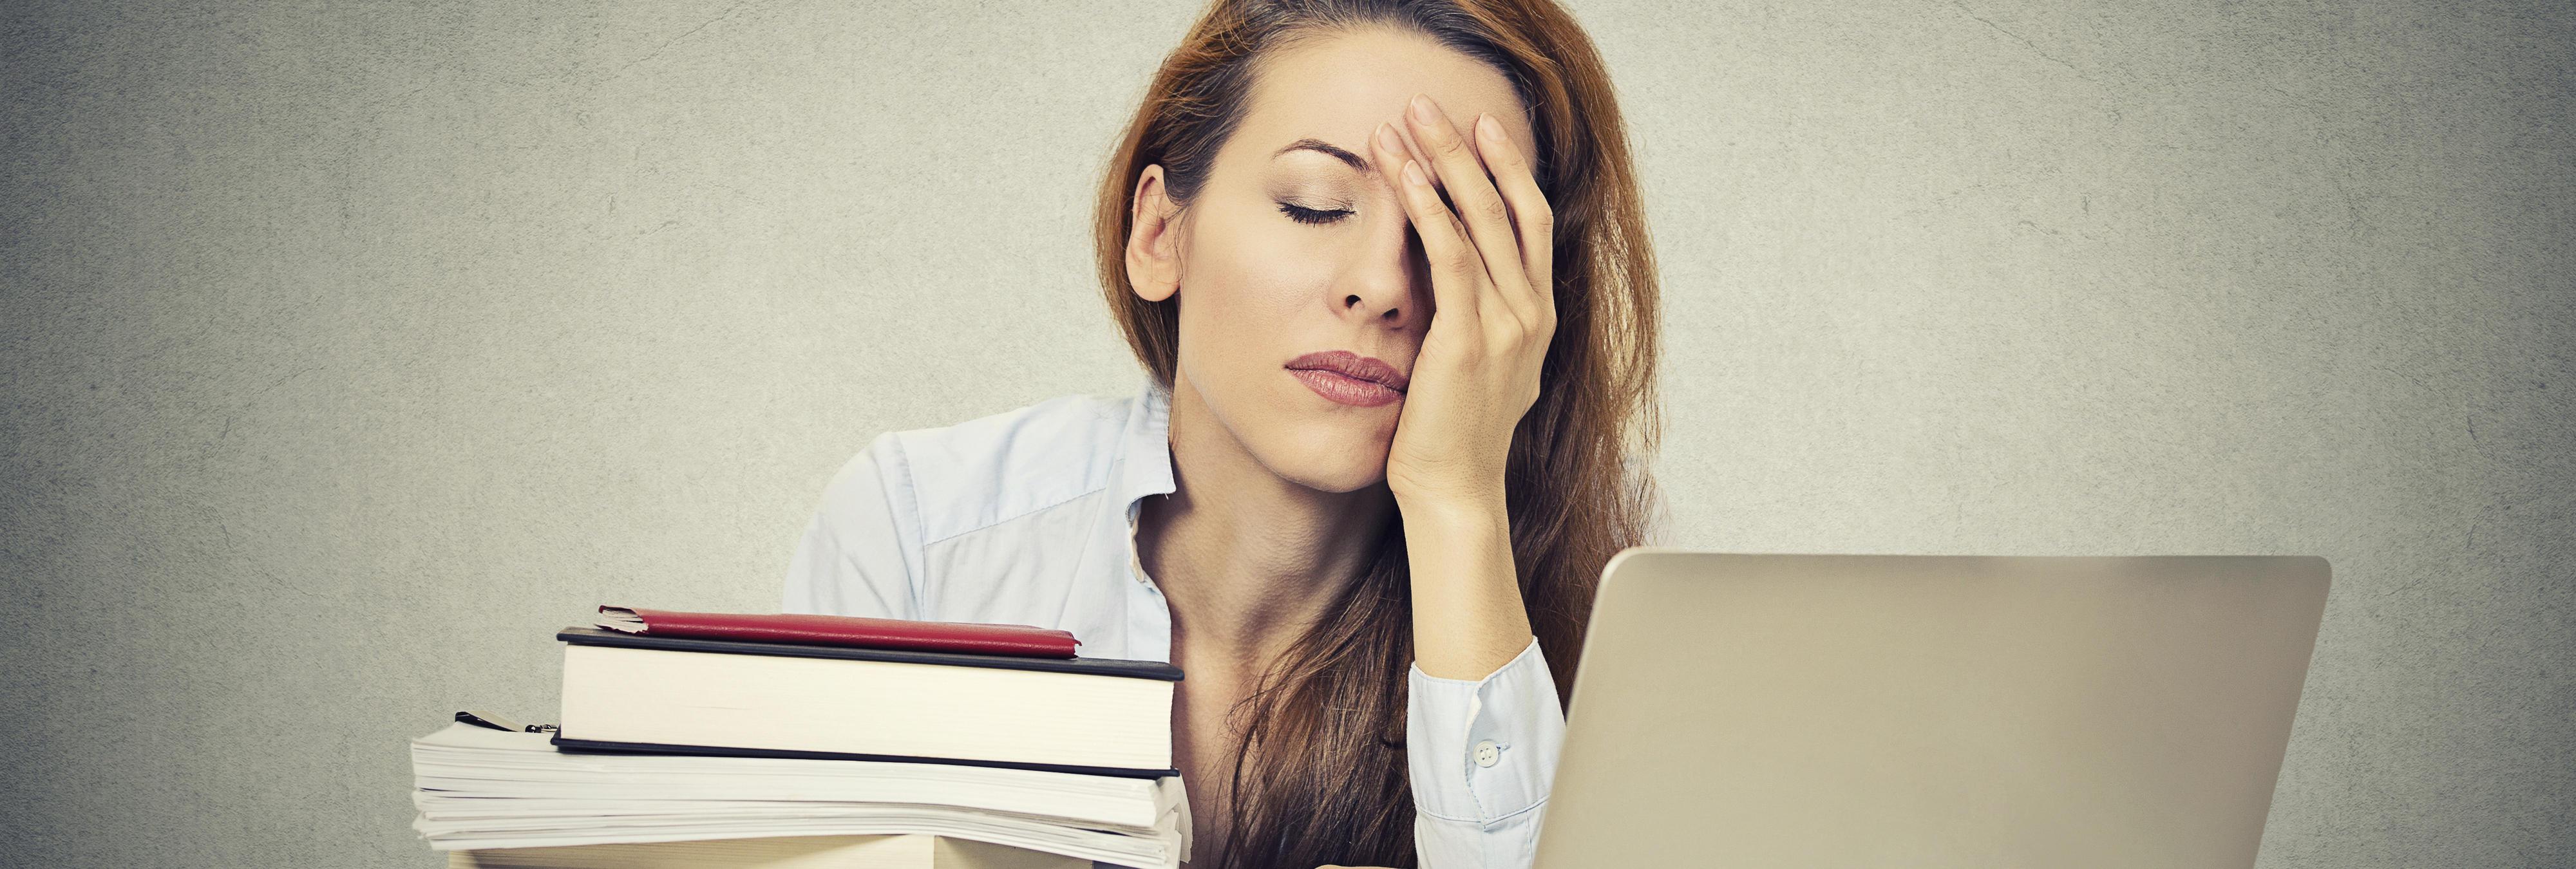 Las peores excusas que las mujeres tienen que aguantar para no aumentarles el sueldo